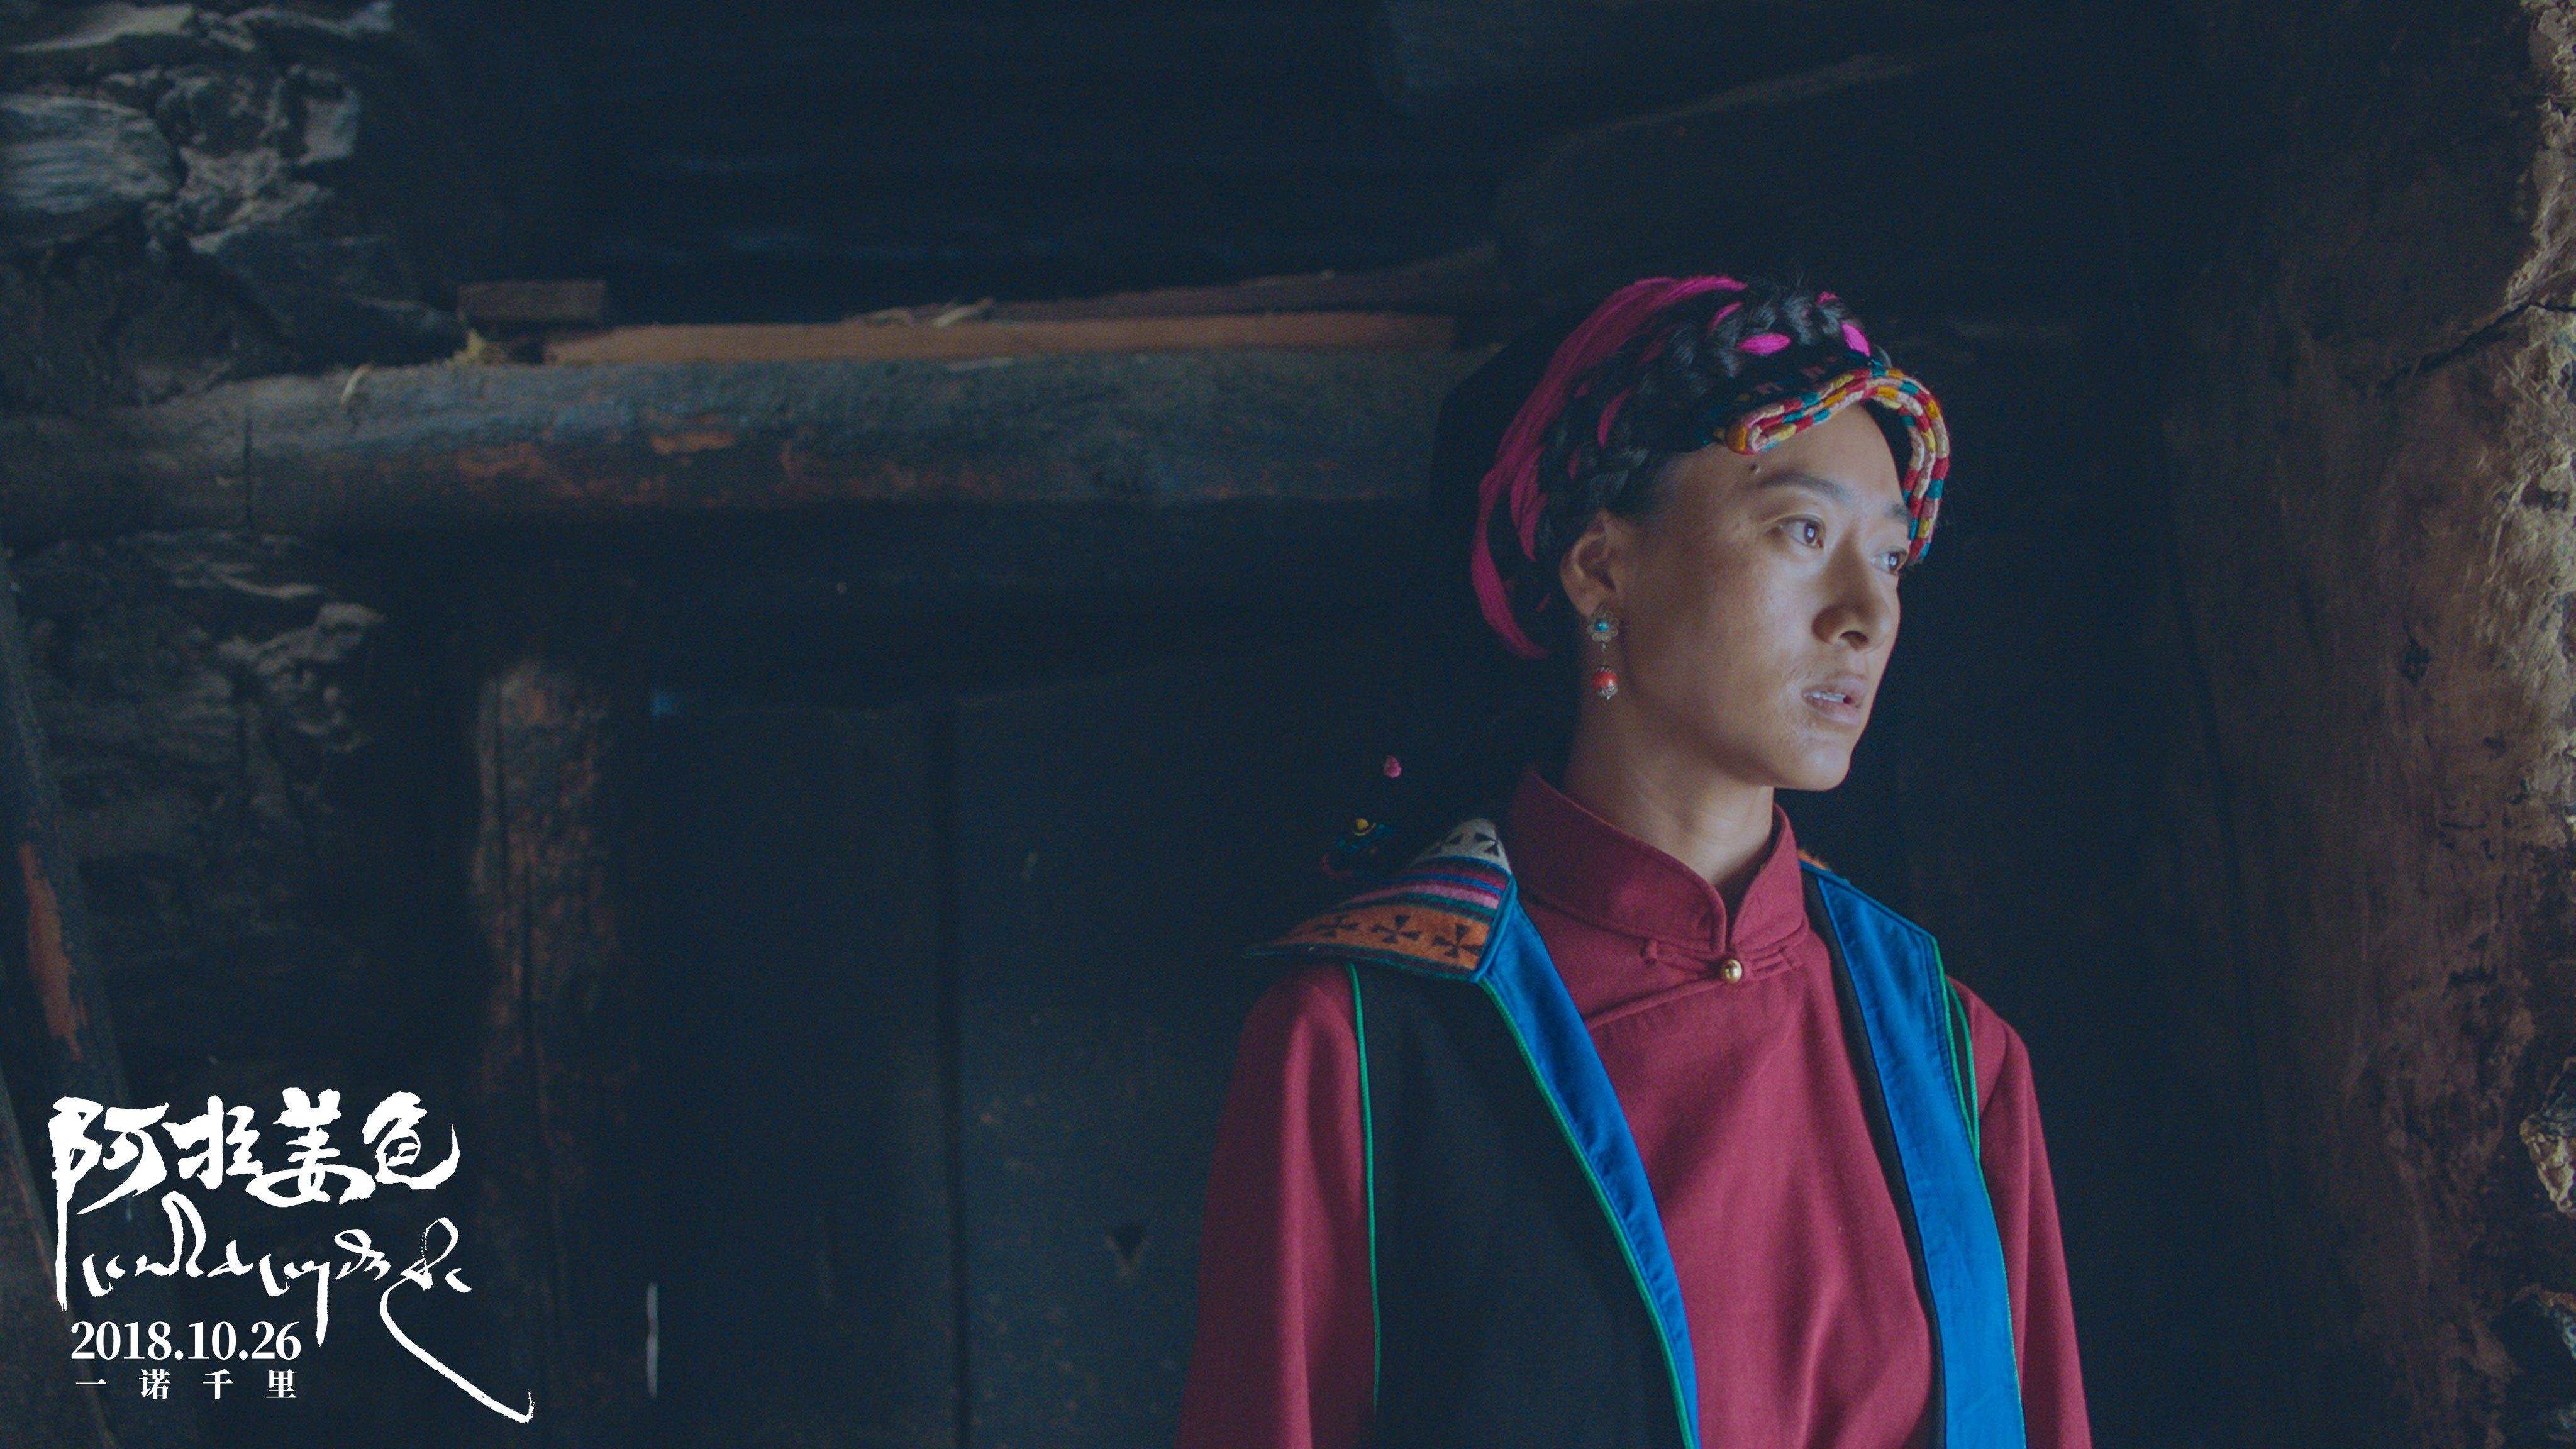 《阿拉薑色》發布同名主題曲MV 容中爾甲深情詮釋愛的真諦